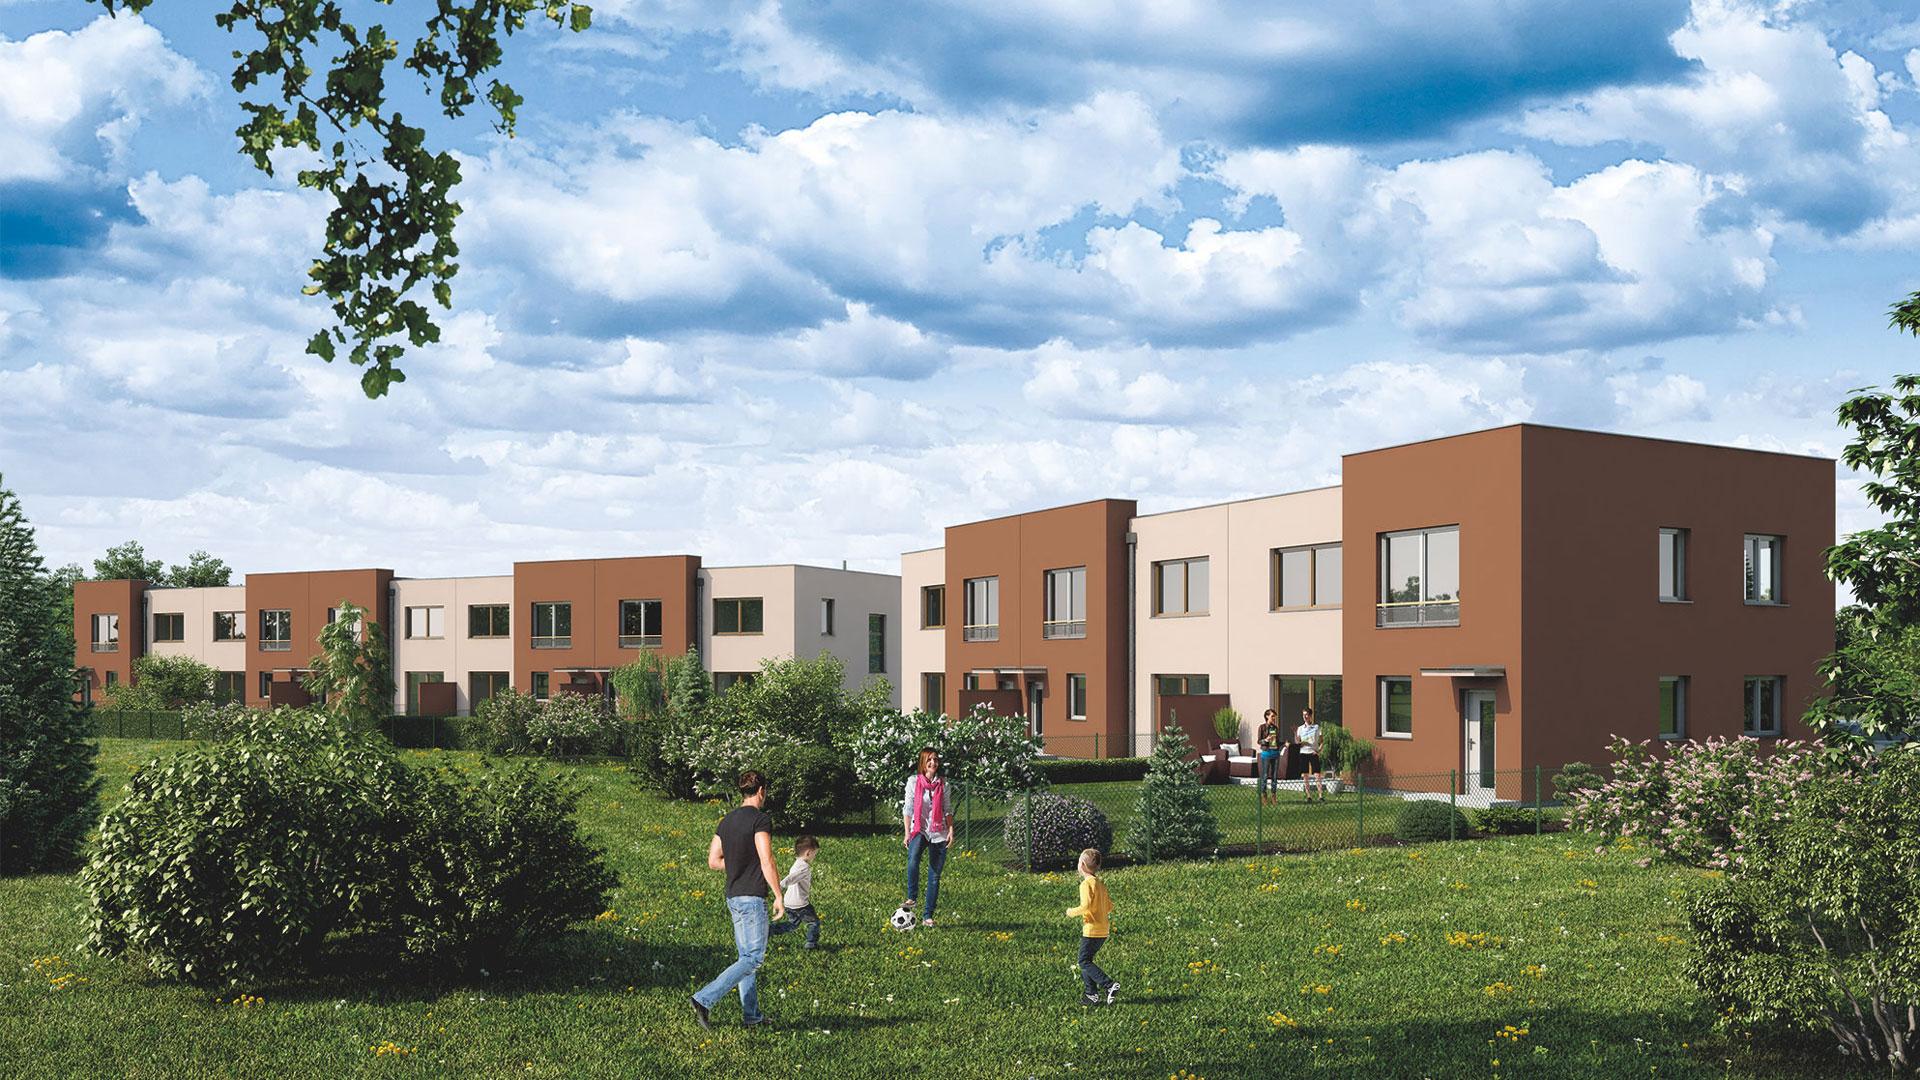 Pohled na ŘRD Smrk ze zahrady. Od prava domy číslo 8, 9, 10 a 11, 12, 13, 14.